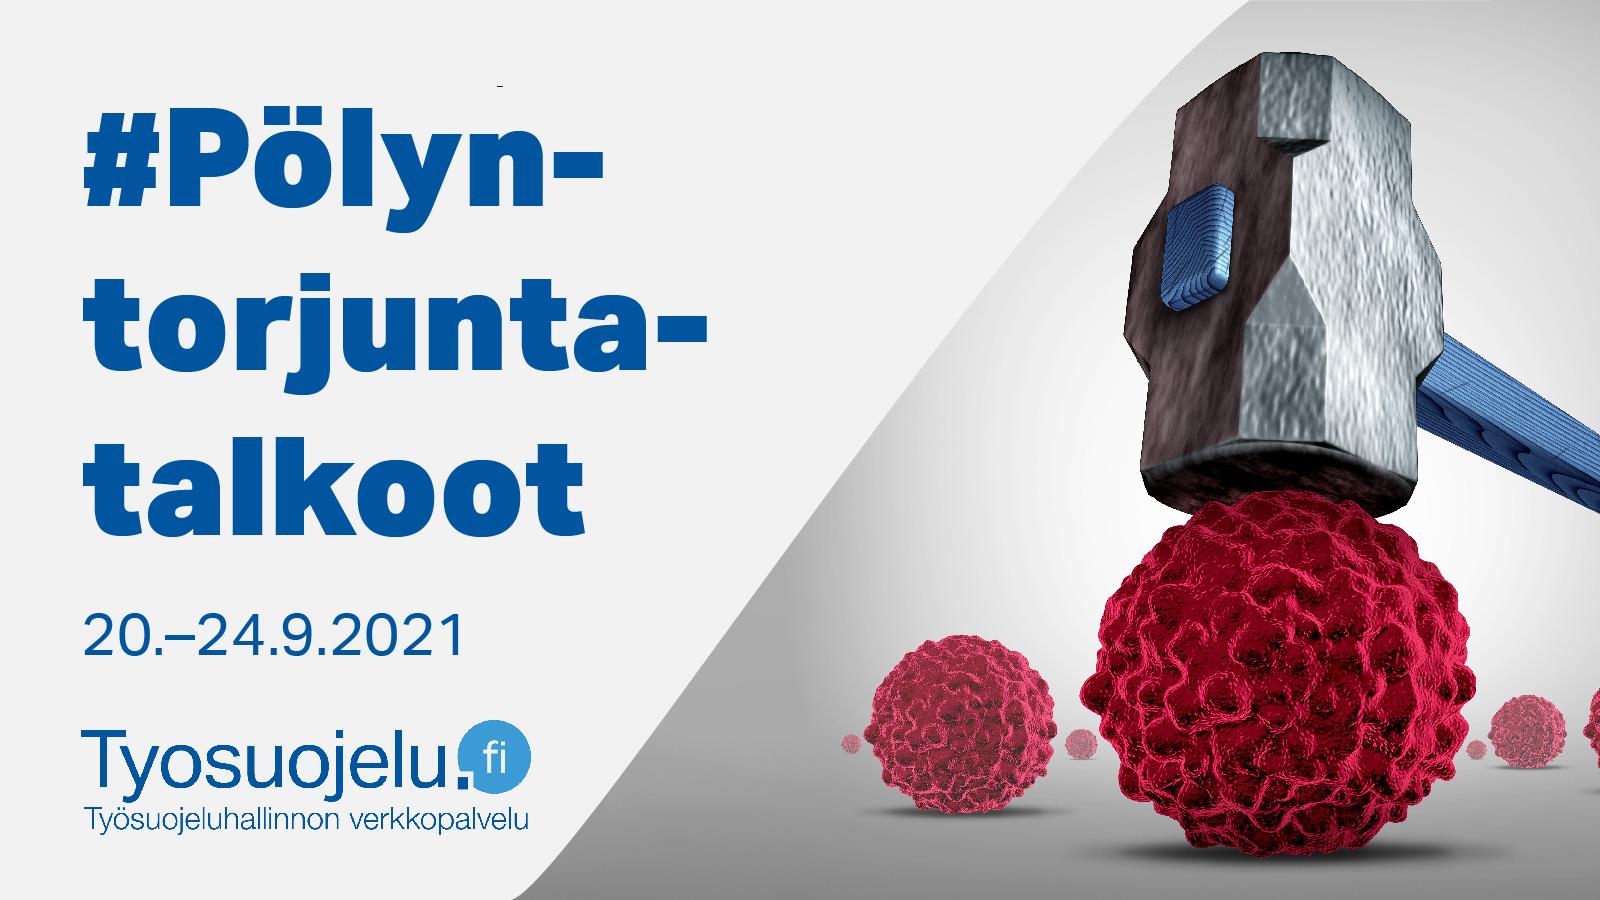 Moukari lyö syöpäsolua. Teksti: #Pölyntorjuntatalkoot 20.-24.9.2021 ja työsuojelu.fi-logo.